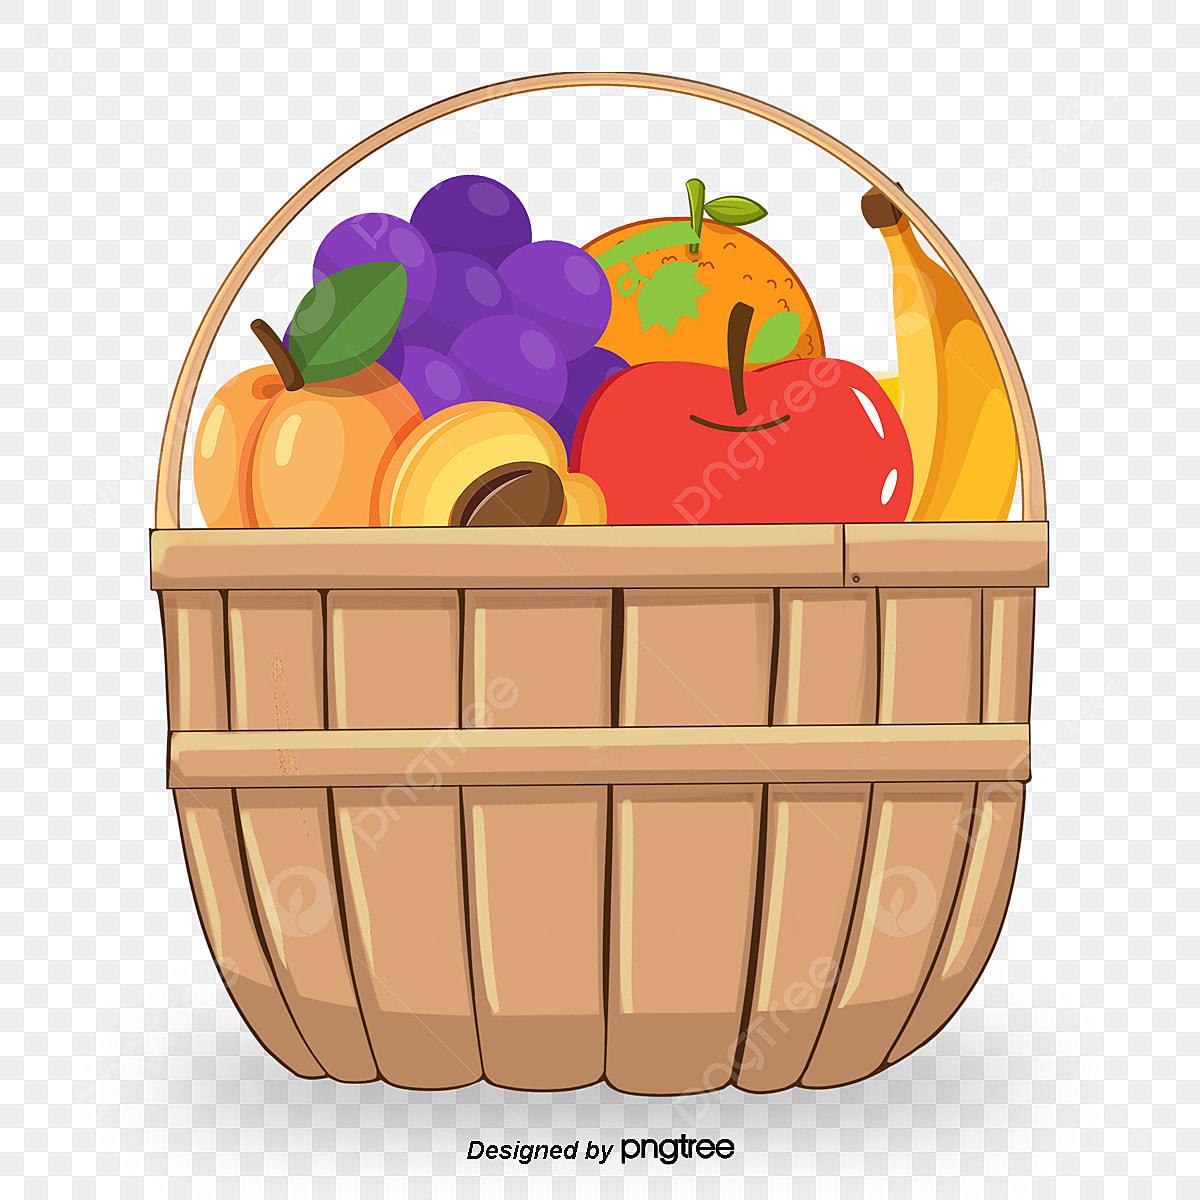 ناقلات سلة الفاكهة ناقلات الفاكهة الفاكهة فاكهة Png وملف Psd للتحميل مجانا